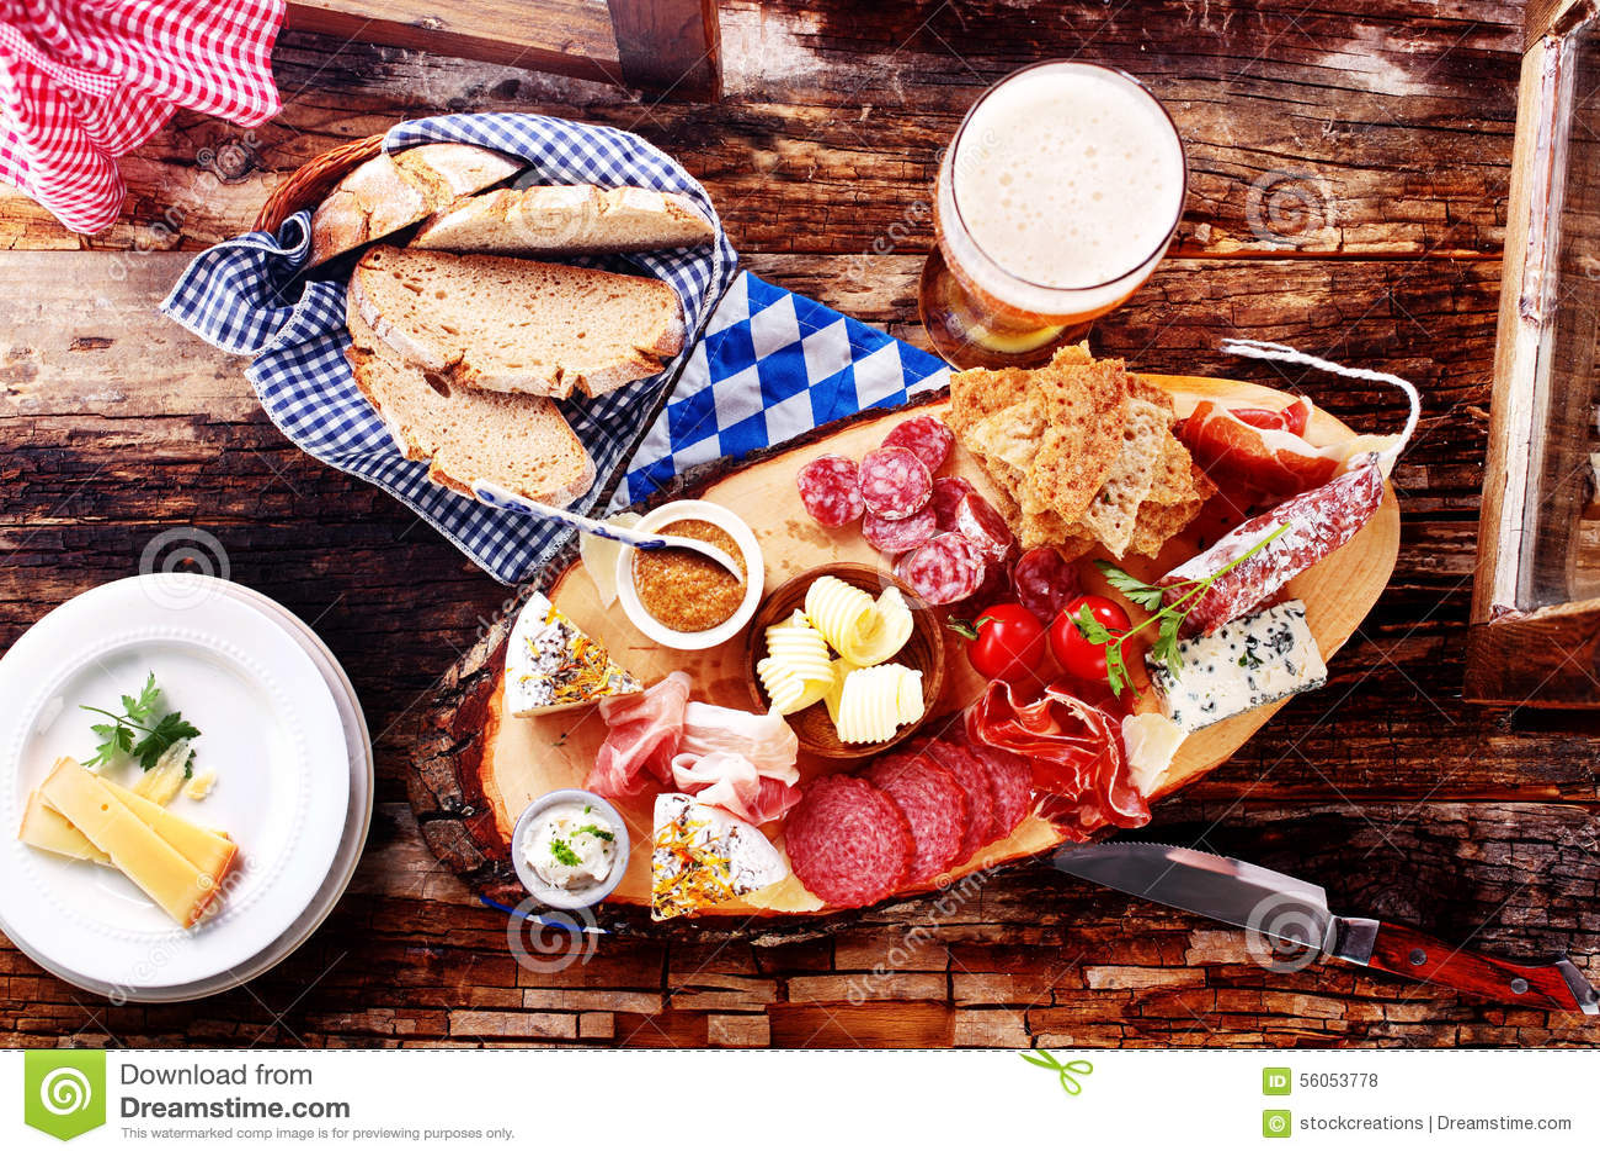 Обед фестиваля пива Мюнхена пива с хлебом, мясом и сыром